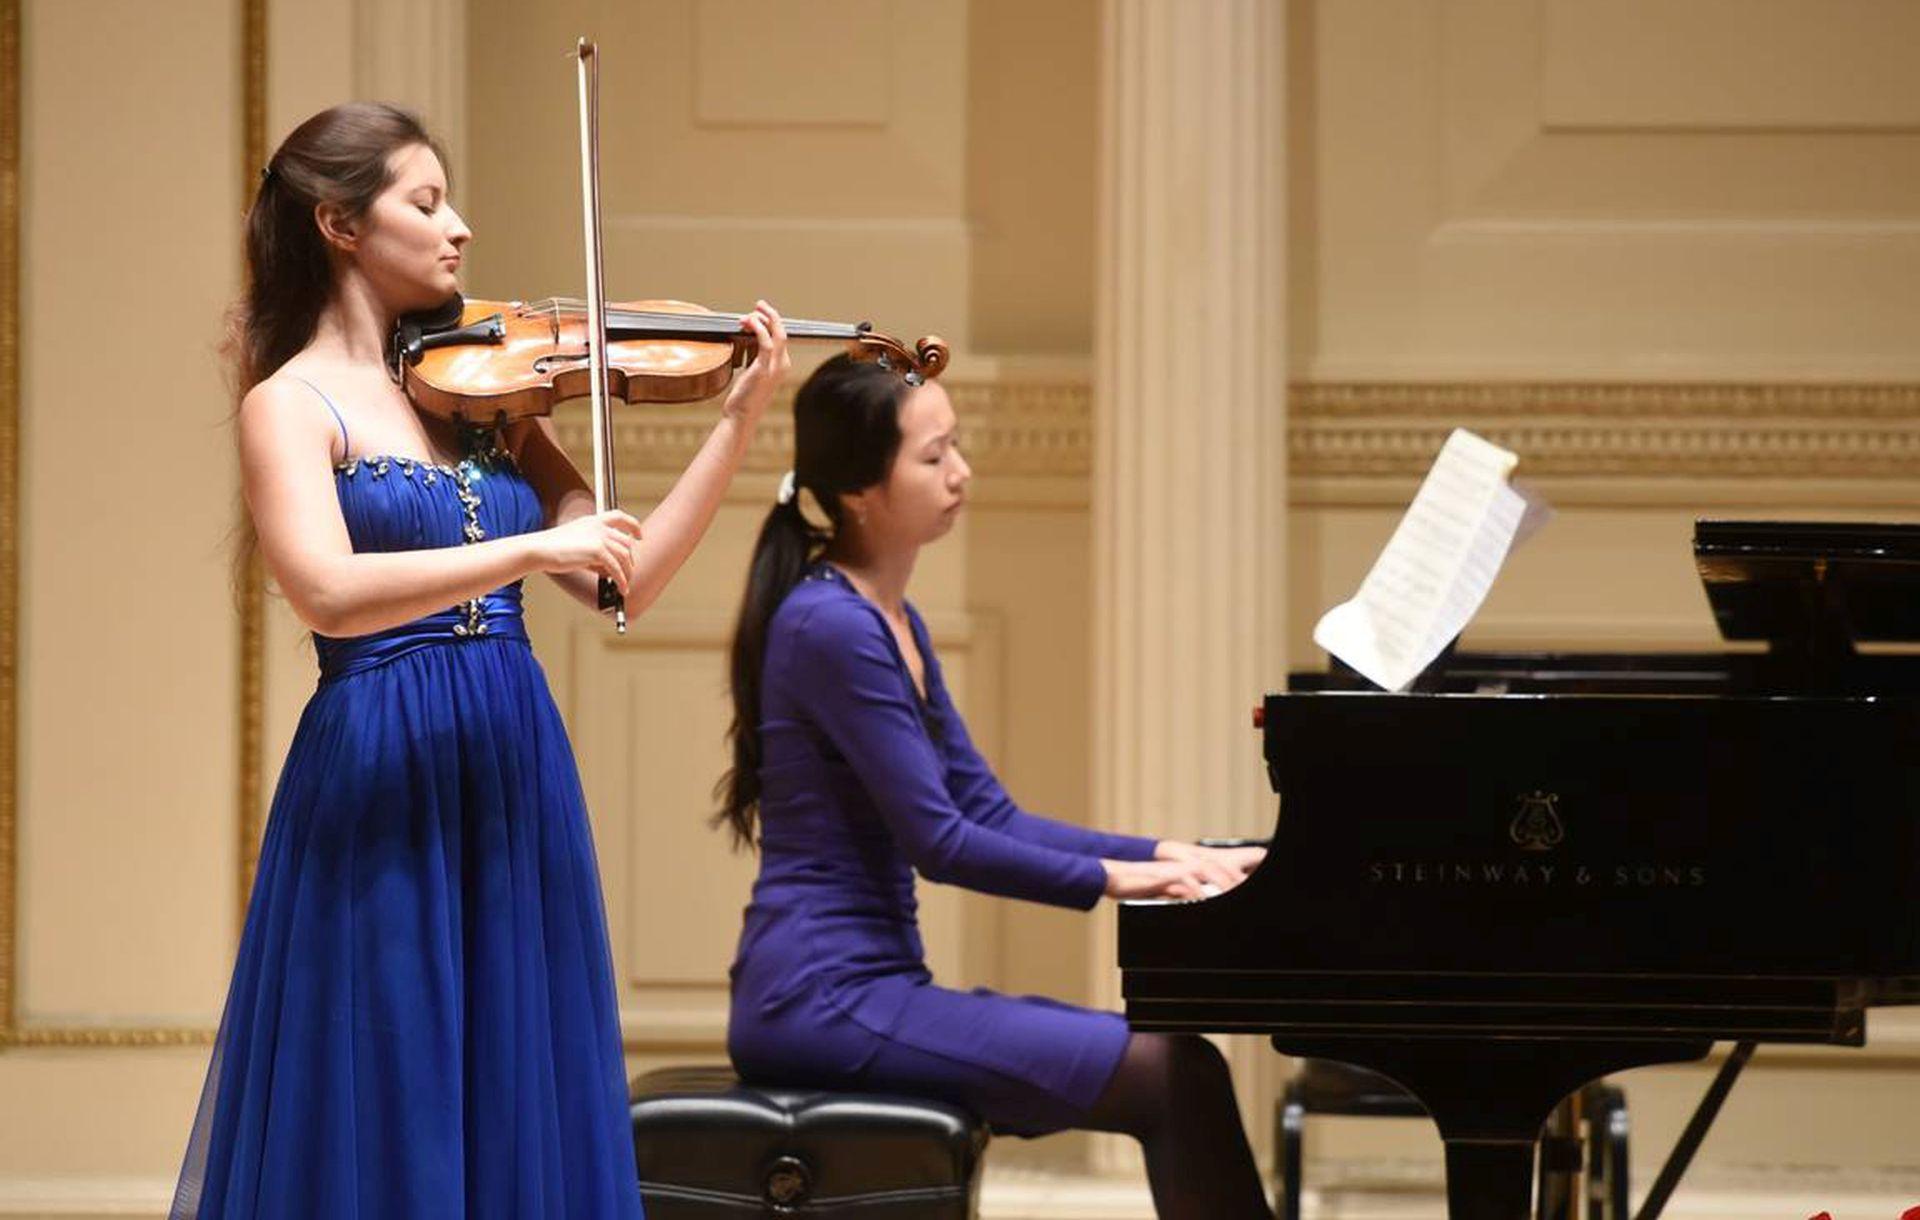 CARNEGIE HALL: Solistički nastup mlade hrvatske violinistice Caroline Blašković